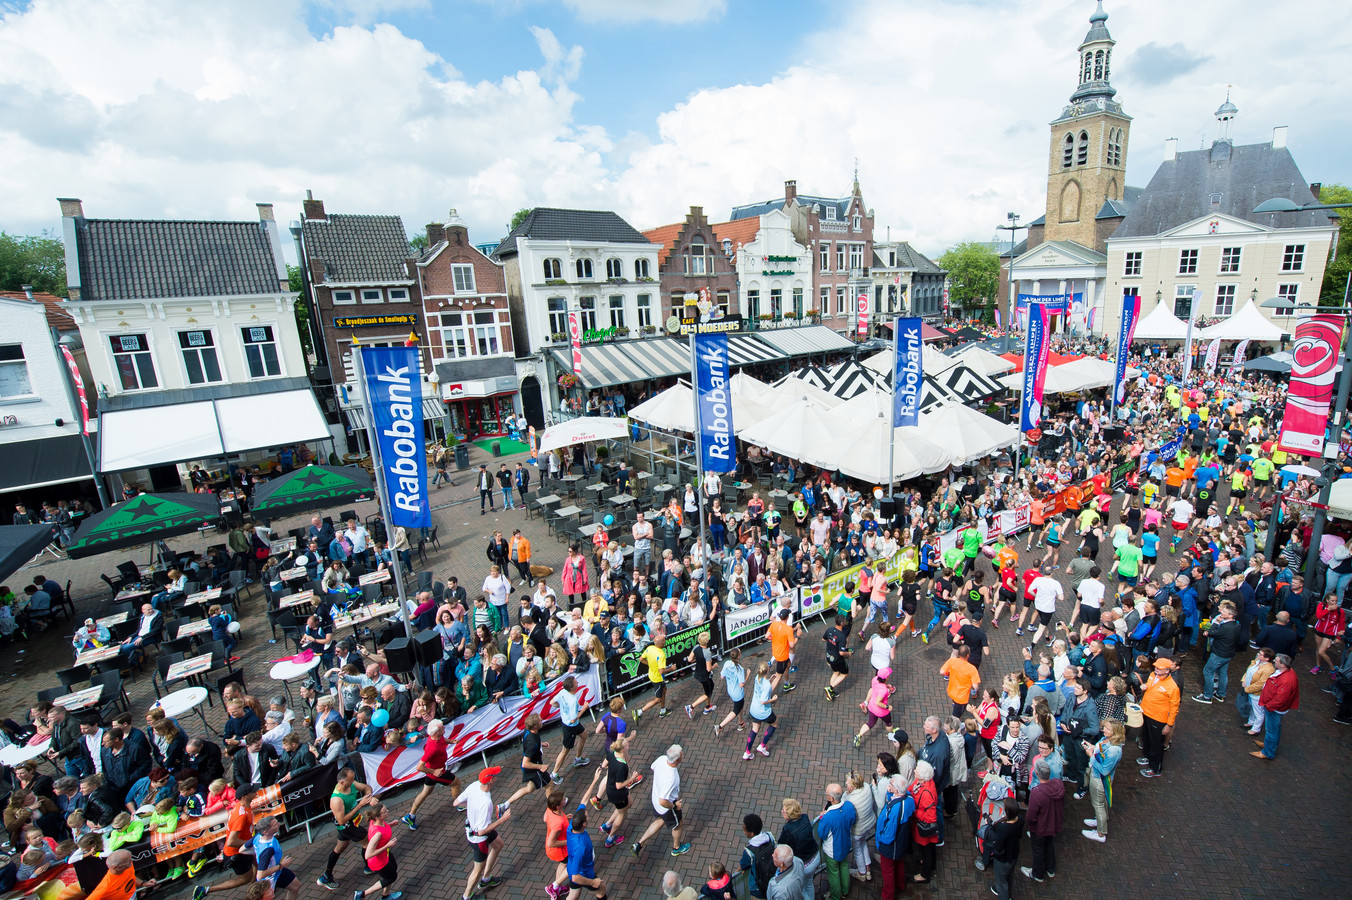 Is de Halve Marathon verleden tijd? Als er geen vrijwilligers bijkomen wel, zegt Edward Heijnemans.